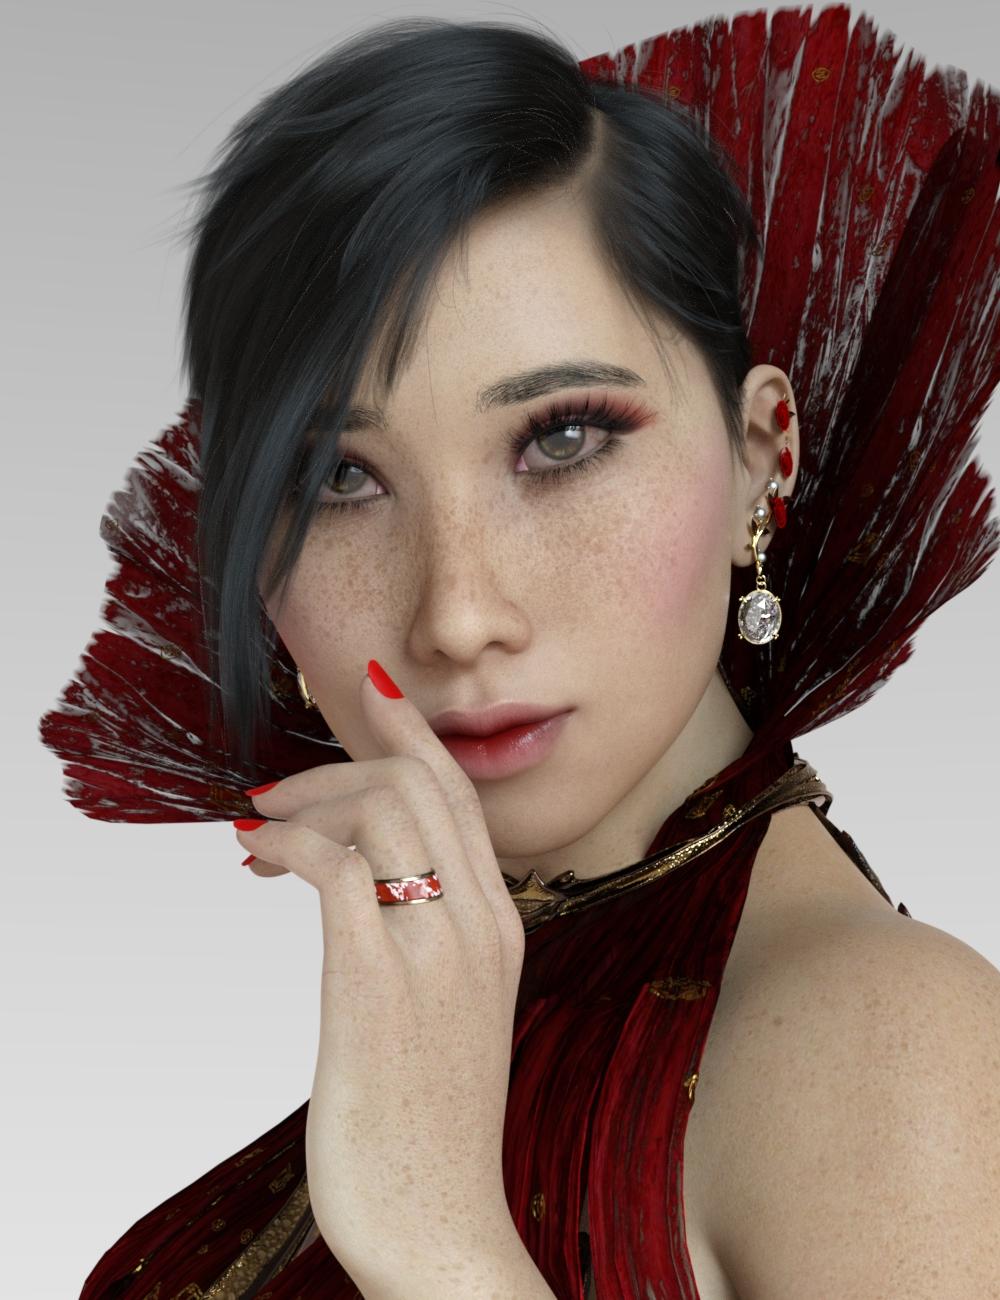 Ji Ah for Genesis 8 Female by: Warloc, 3D Models by Daz 3D